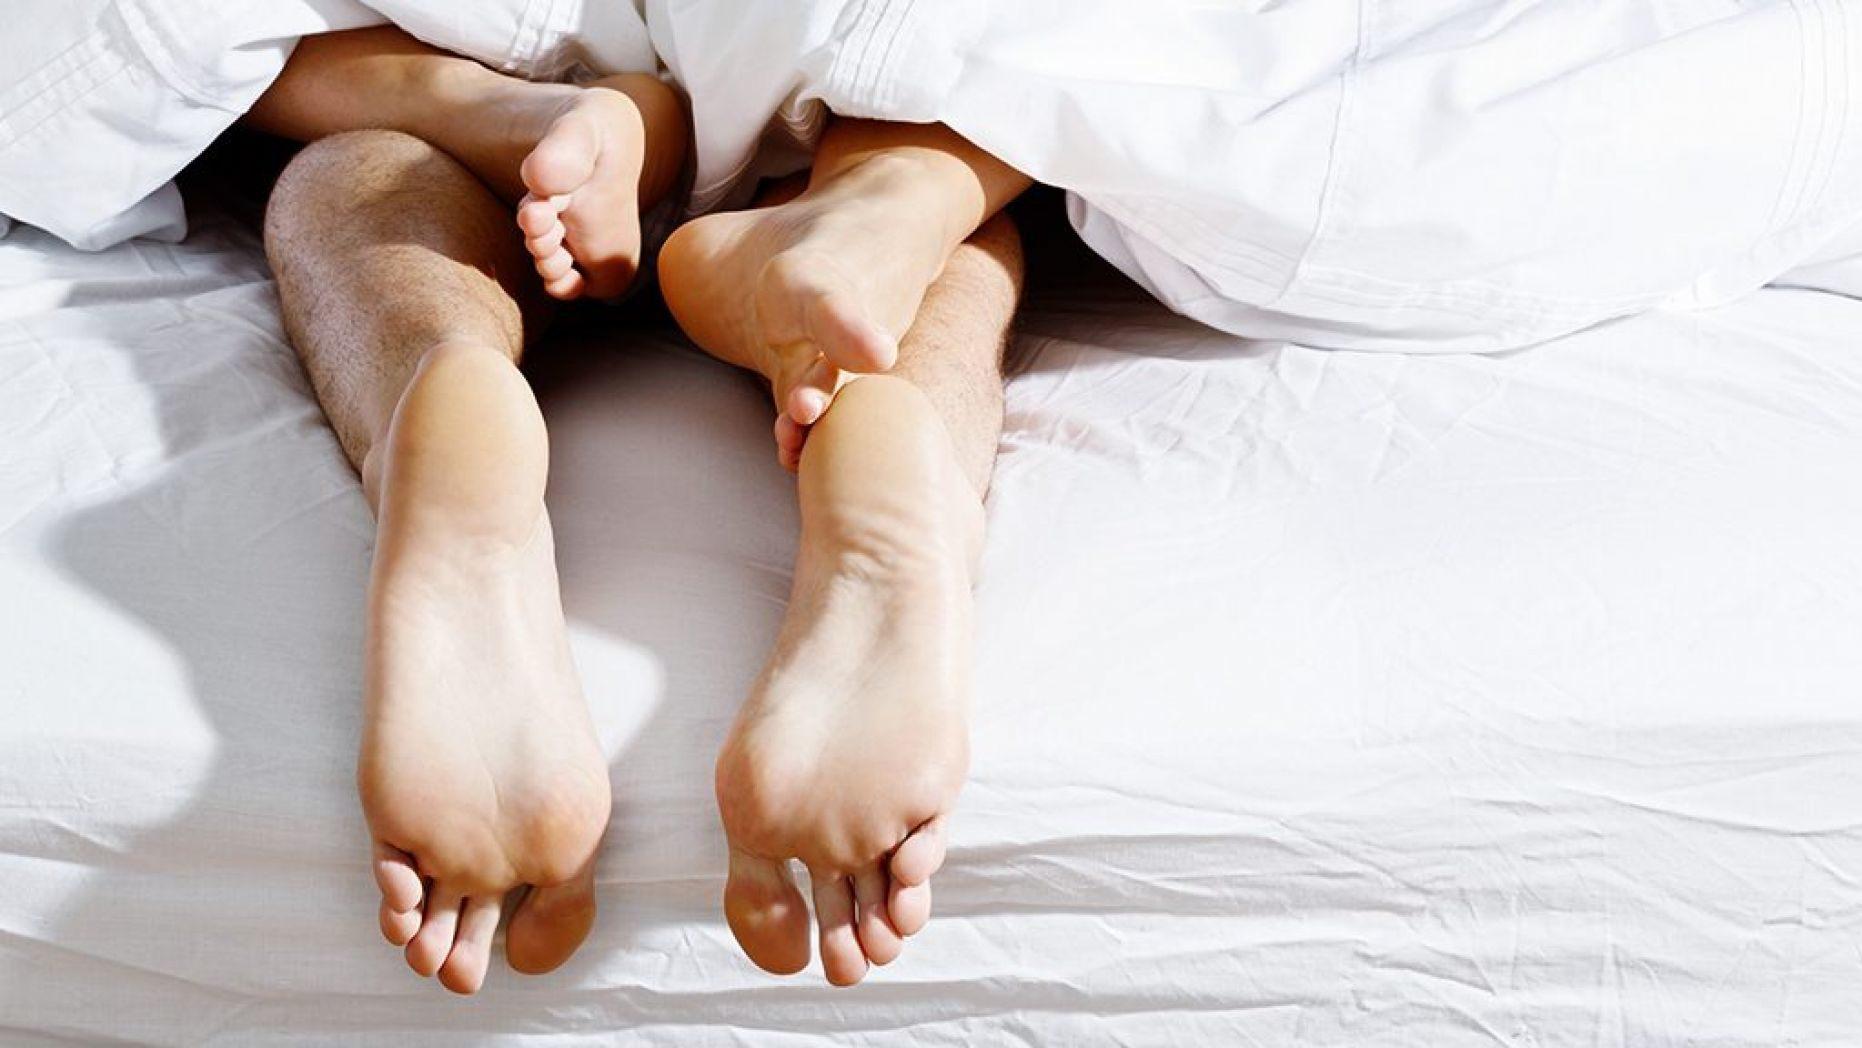 Bệnh lây qua đường tình dục là những căn bệnh nguy hiểm dễ lây lan khi quan hệ tình dục không lành mạnh.